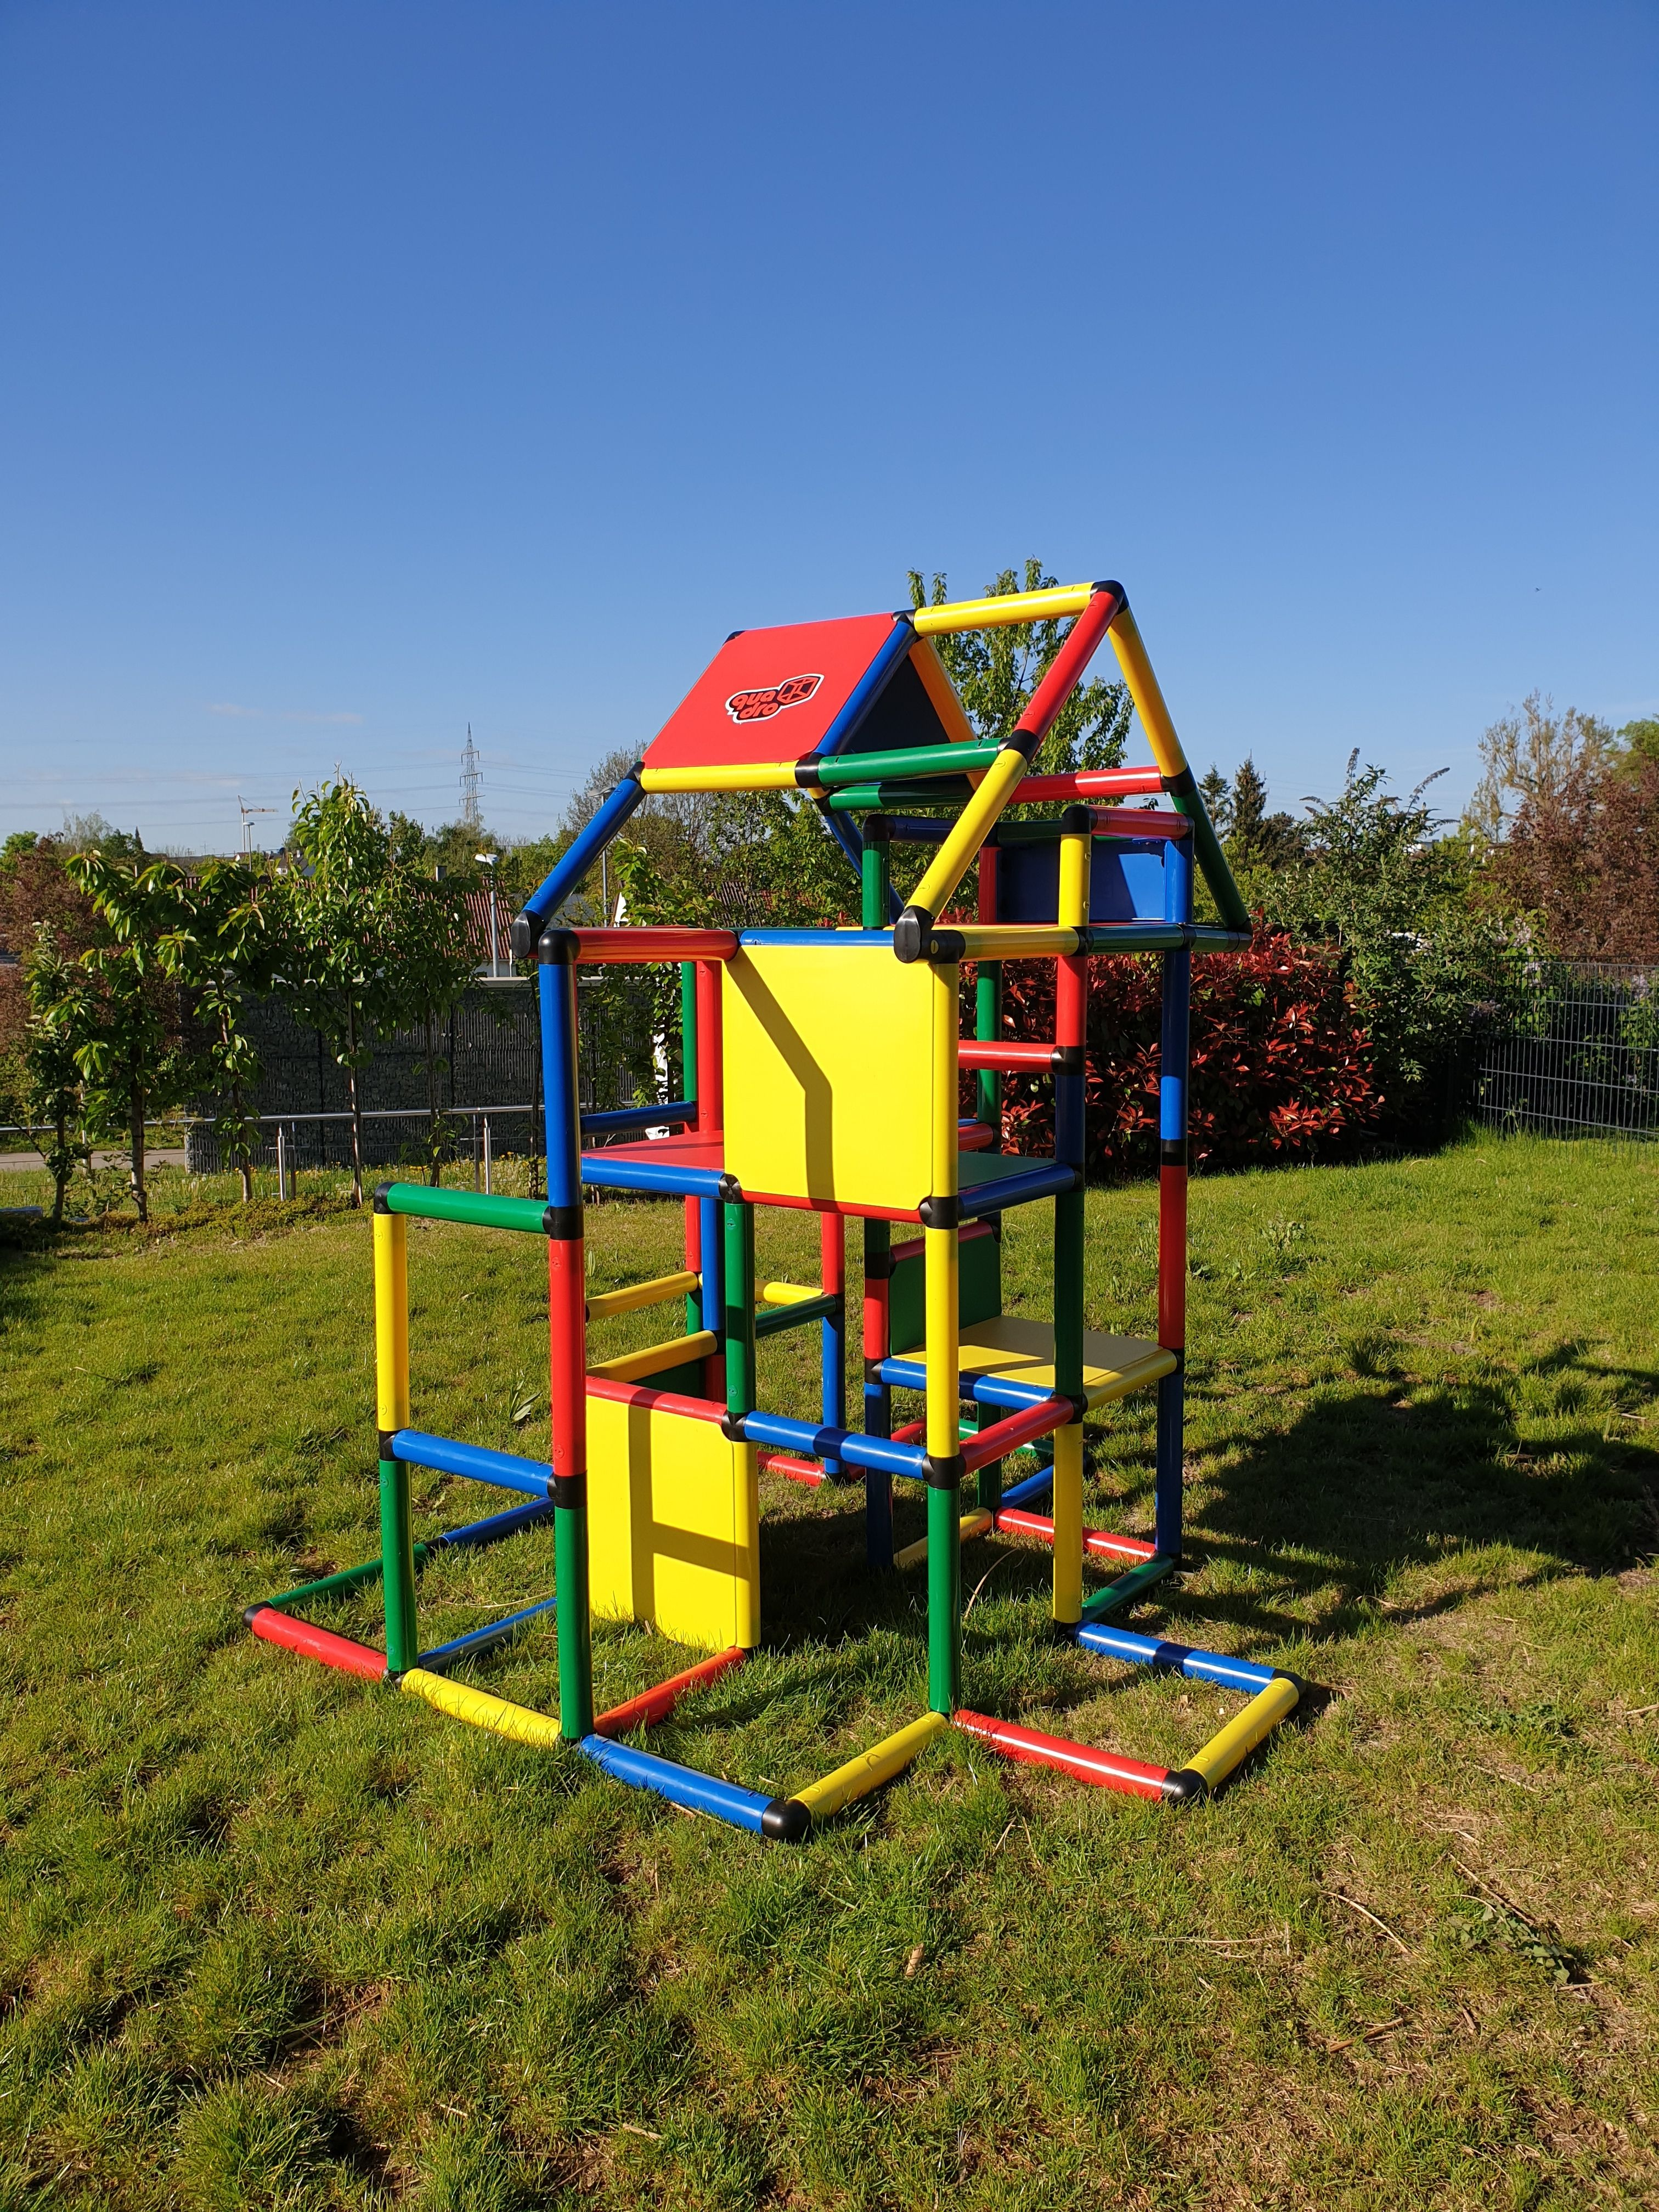 Quadro Spielturm Spielturm Turm Quadro Klettergerust